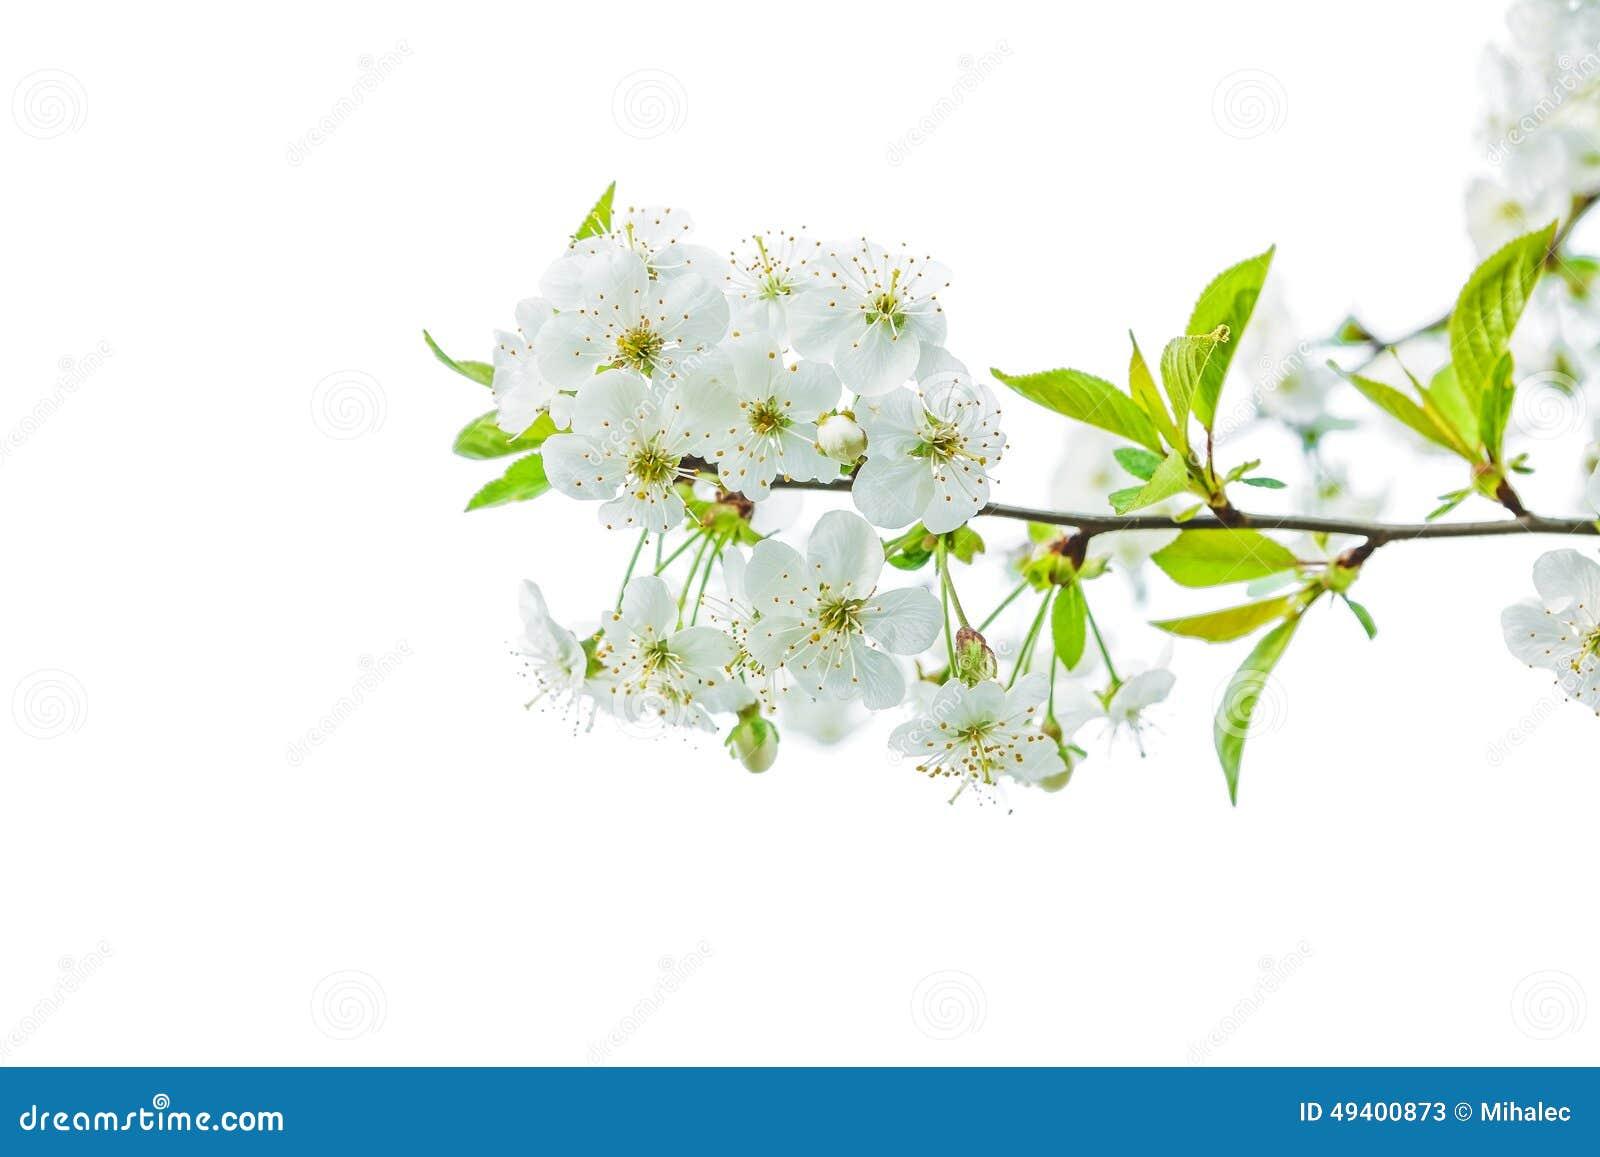 Download Niederlassung Des Blühenden Kirschbaums Isolayed Auf Weiß Stockbild - Bild von kopf, sommer: 49400873